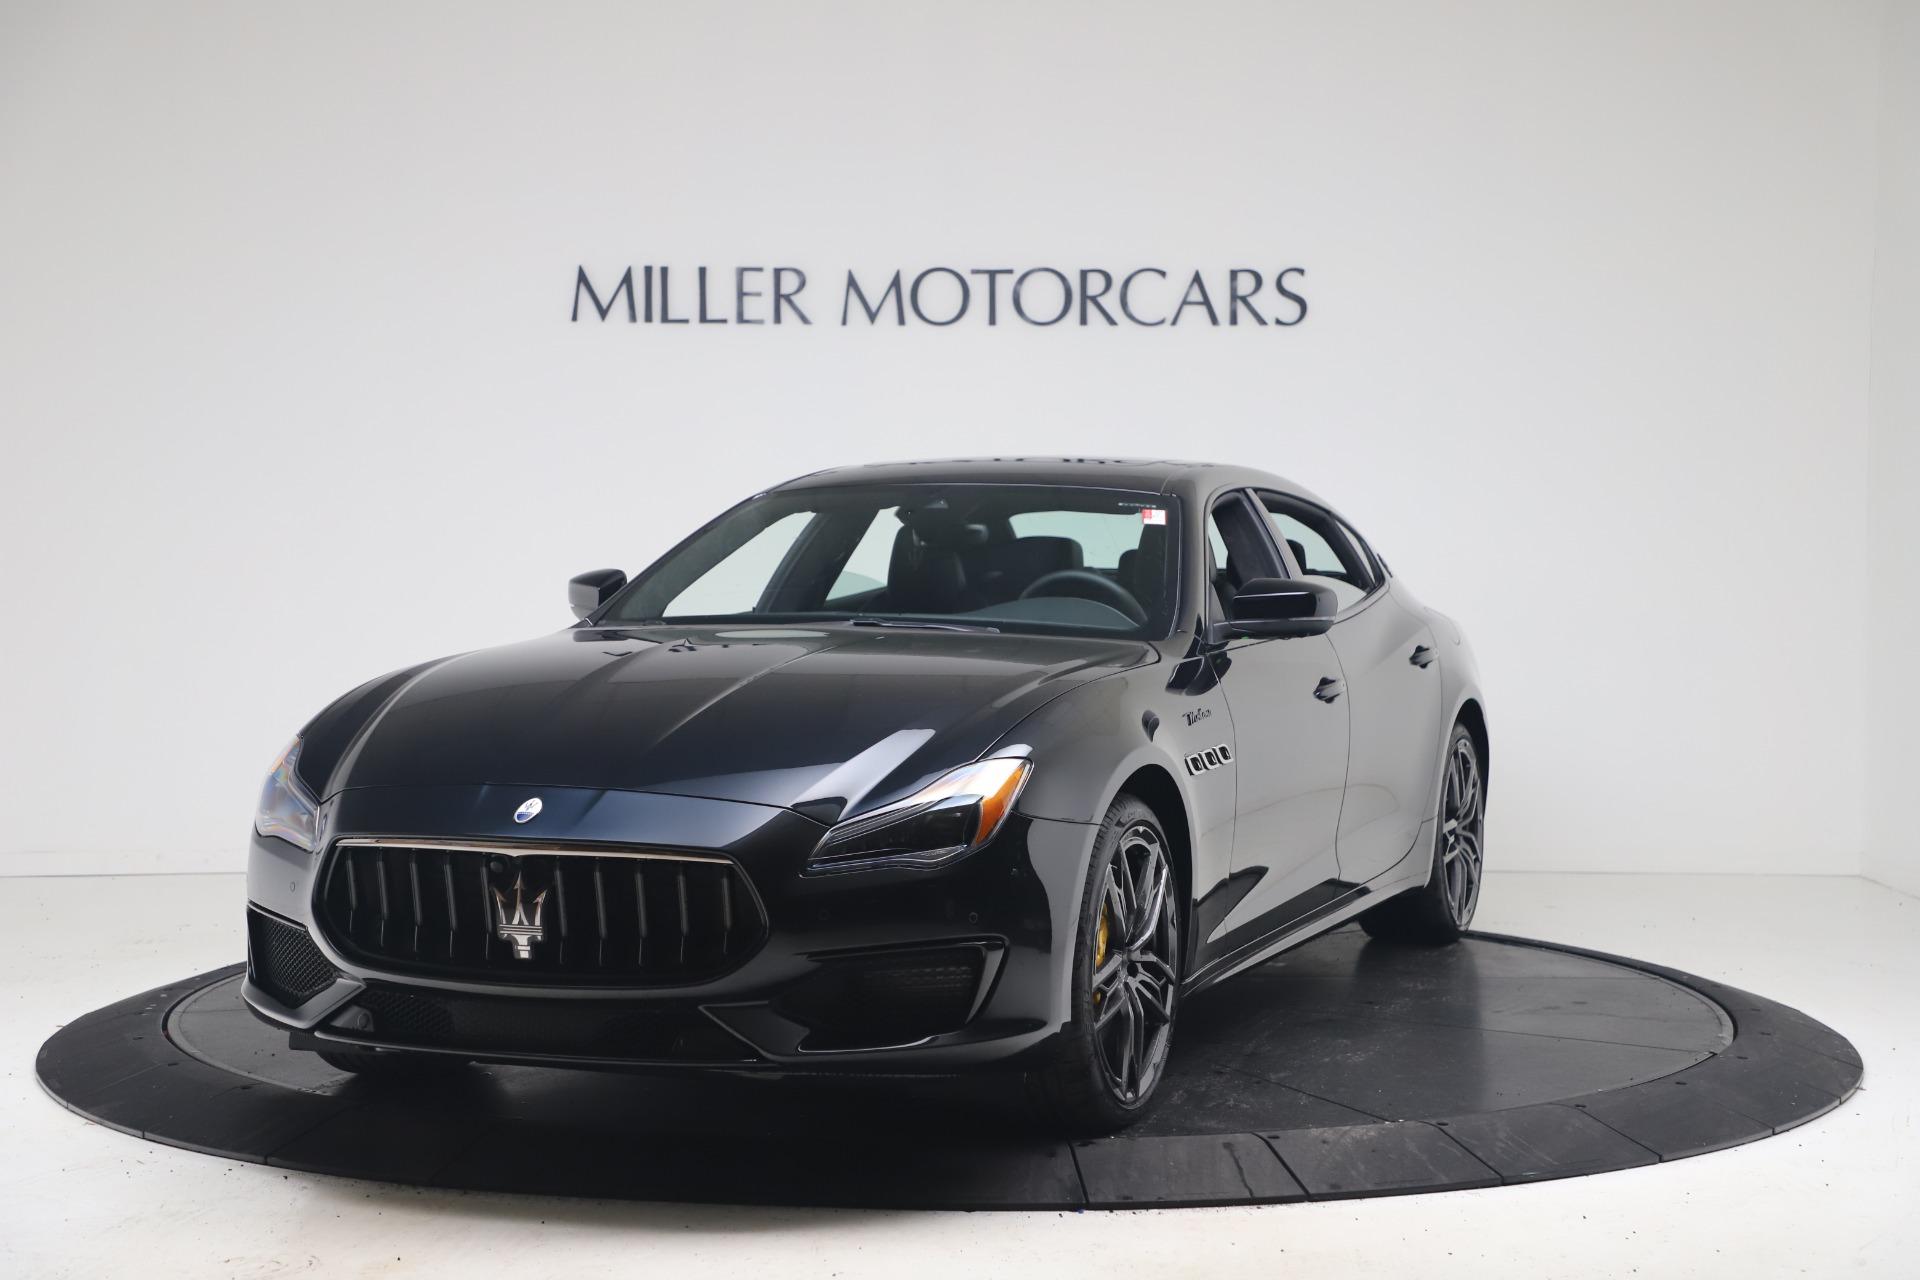 New 2022 Maserati Quattroporte Modena Q4 for sale $131,195 at Maserati of Greenwich in Greenwich CT 06830 1